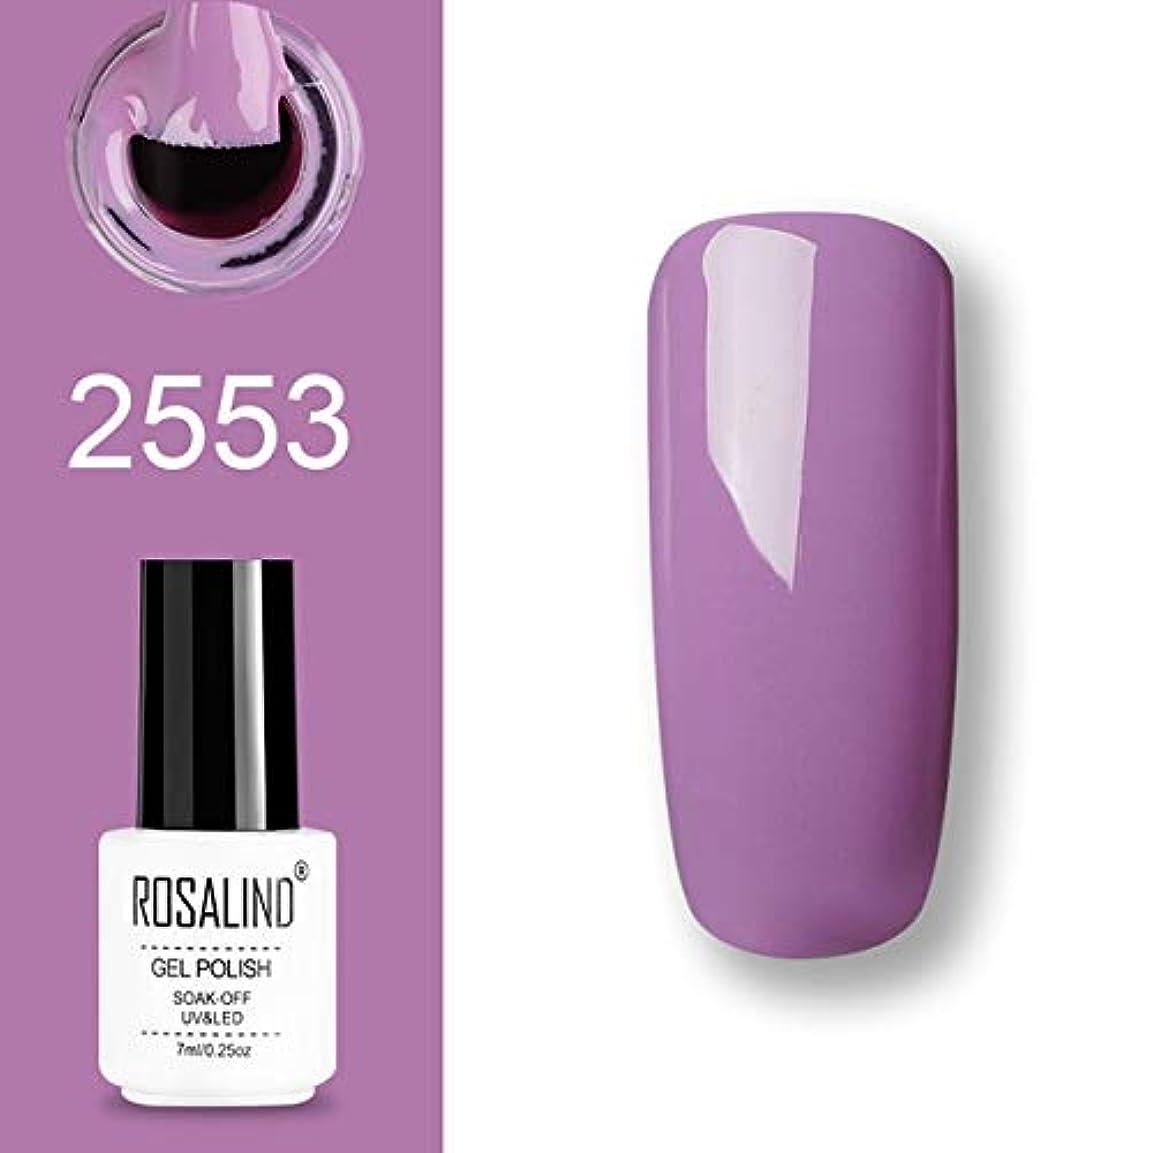 ファッションアイテム ROSALINDジェルポリッシュセットUVセミパーマネントプライマートップコートポリジェルニスネイルアートマニキュアジェル、ライトパープル、容量:7ml 2553。 環境に優しいマニキュア